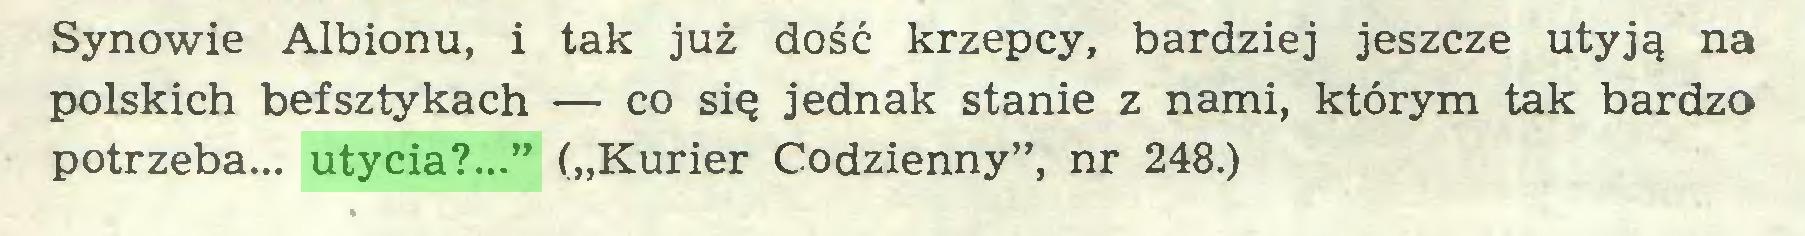 """(...) Synowie Albionu, i tak już dość krzepcy, bardziej jeszcze utyją na polskich befsztykach — co się jednak stanie z nami, którym tak bardzo potrzeba... utycia?..."""" (""""Kurier Codzienny"""", nr 248.)..."""